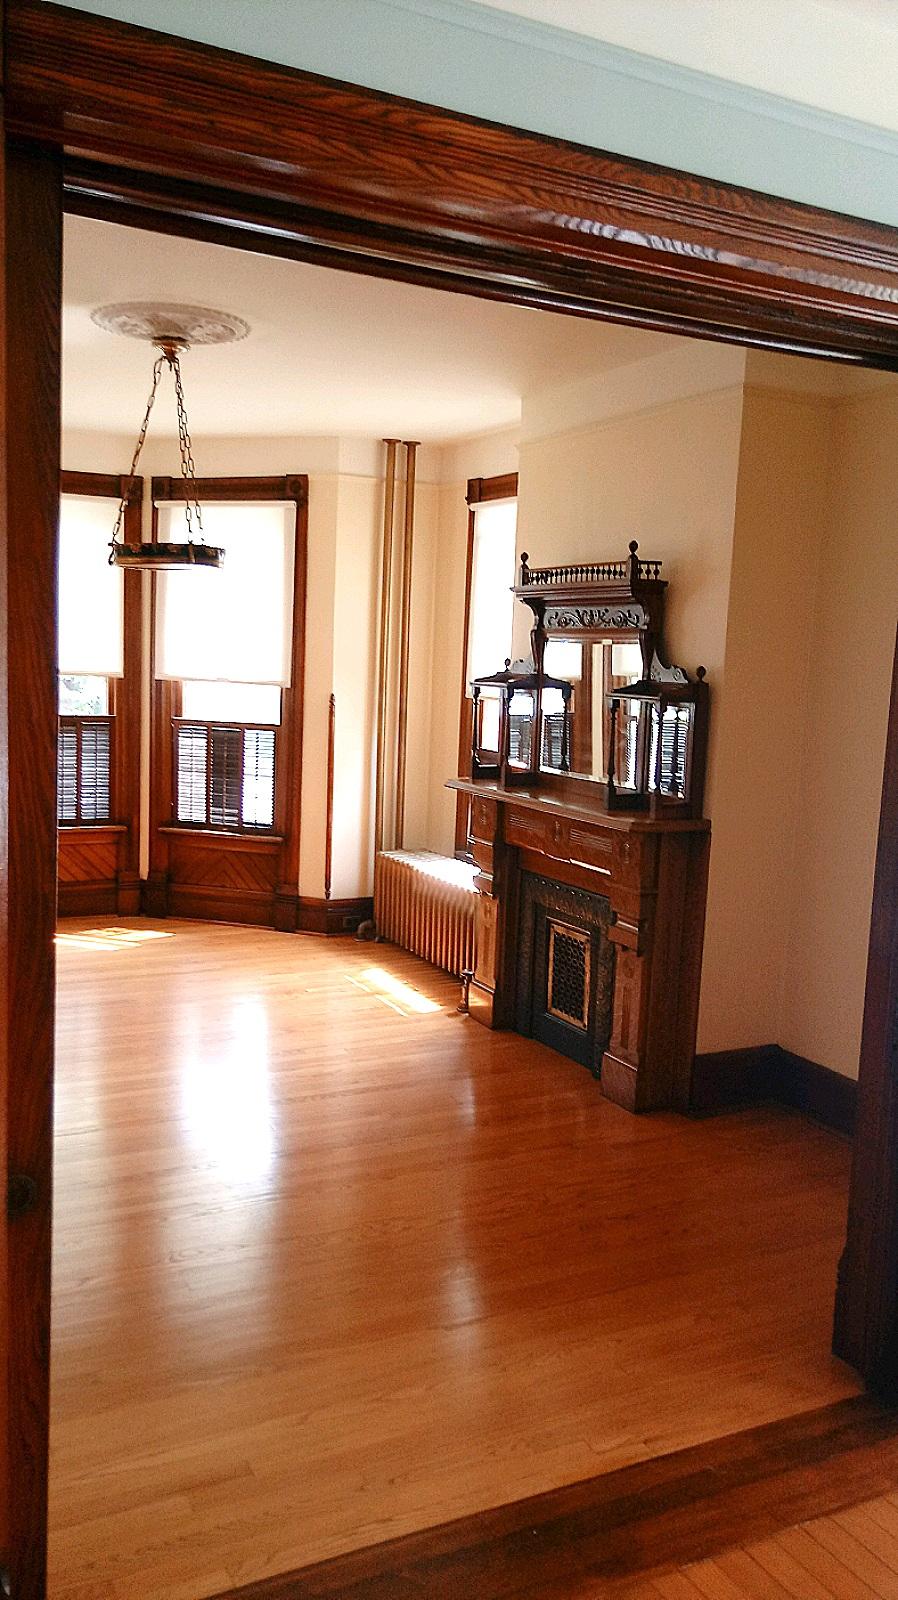 Poughkeepsie NY apartment